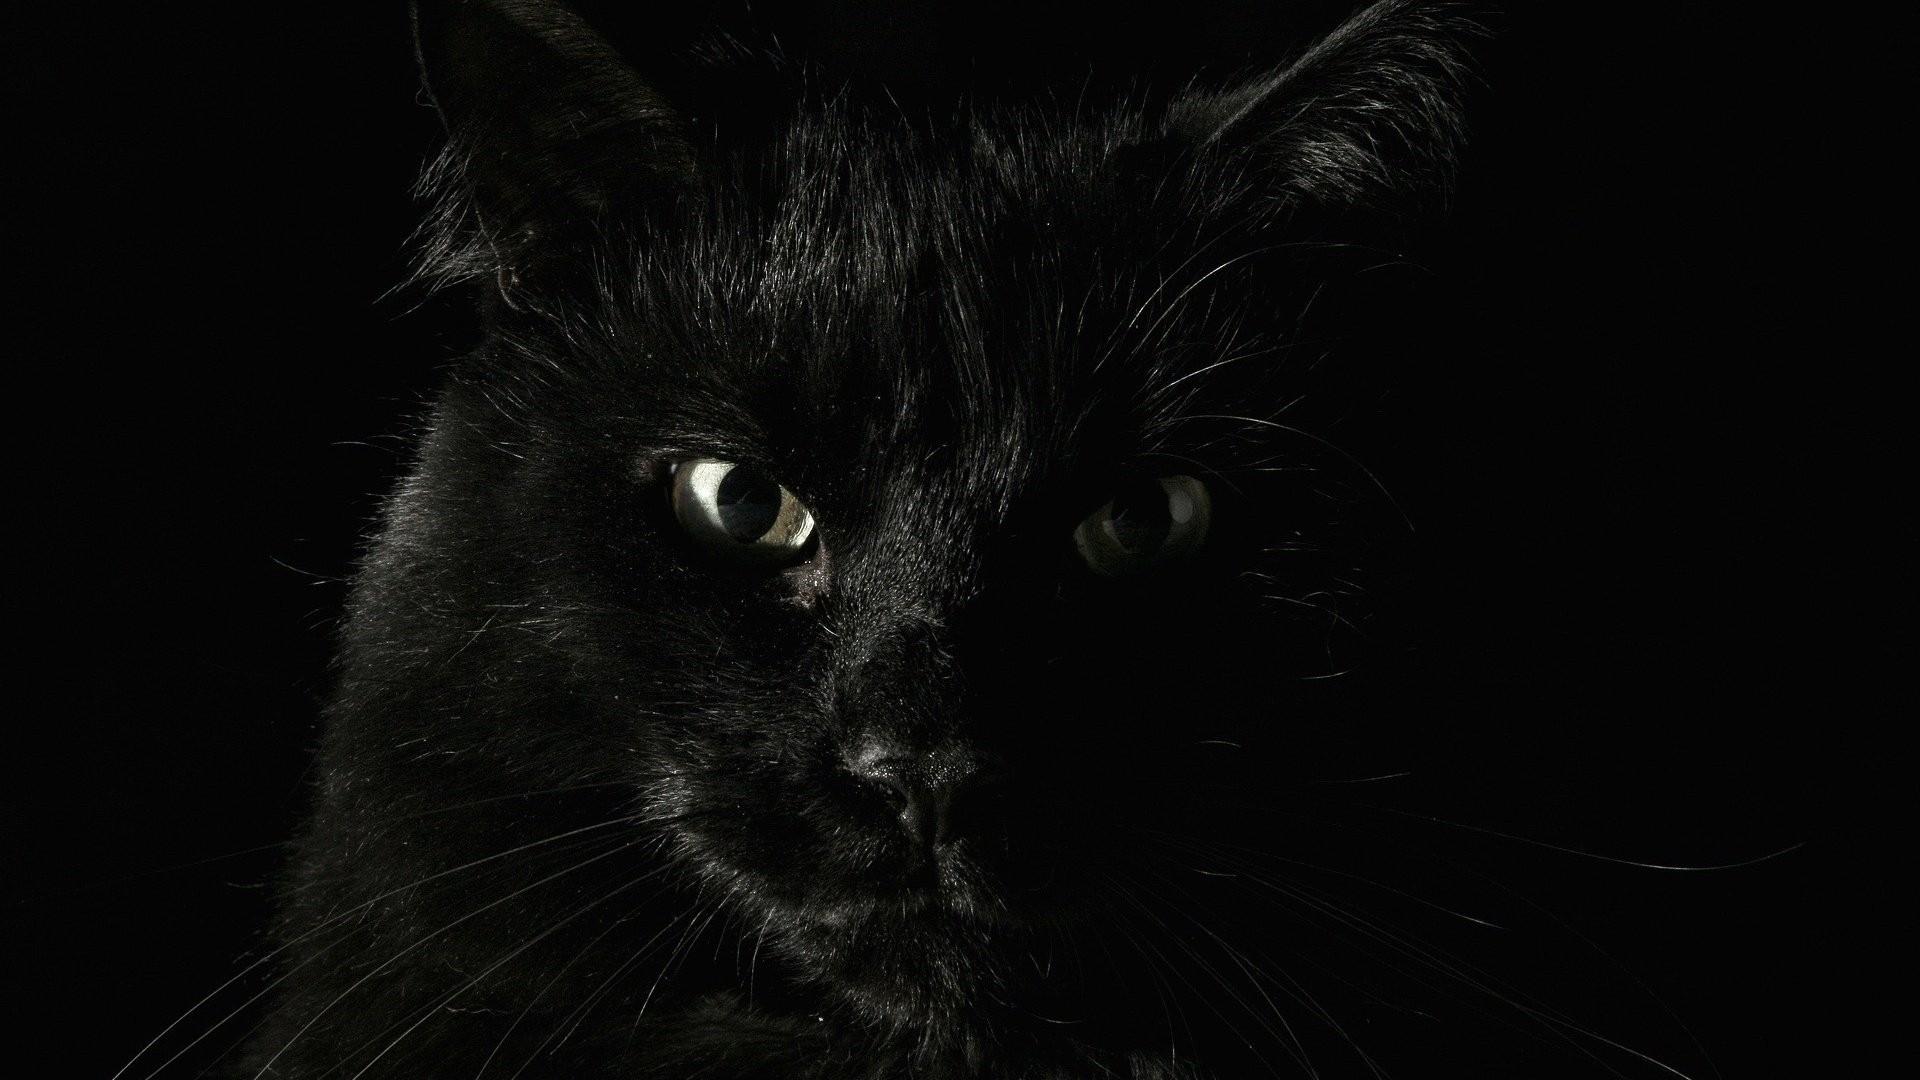 Black Cat picture hd